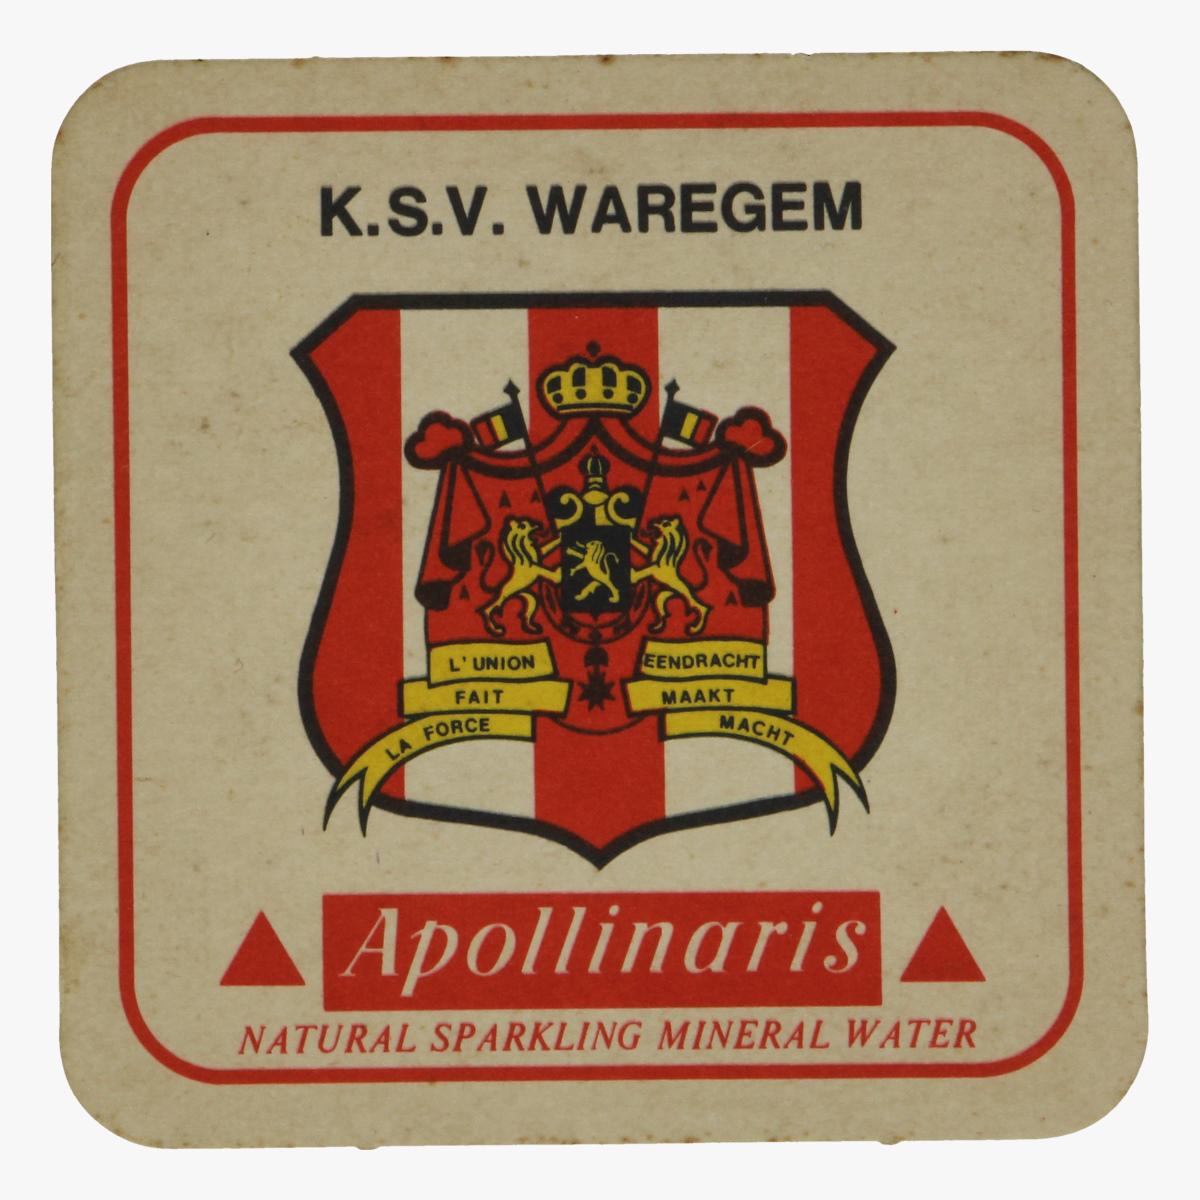 Afbeeldingen van bierkaartje k.s.v. waregem apollinaris